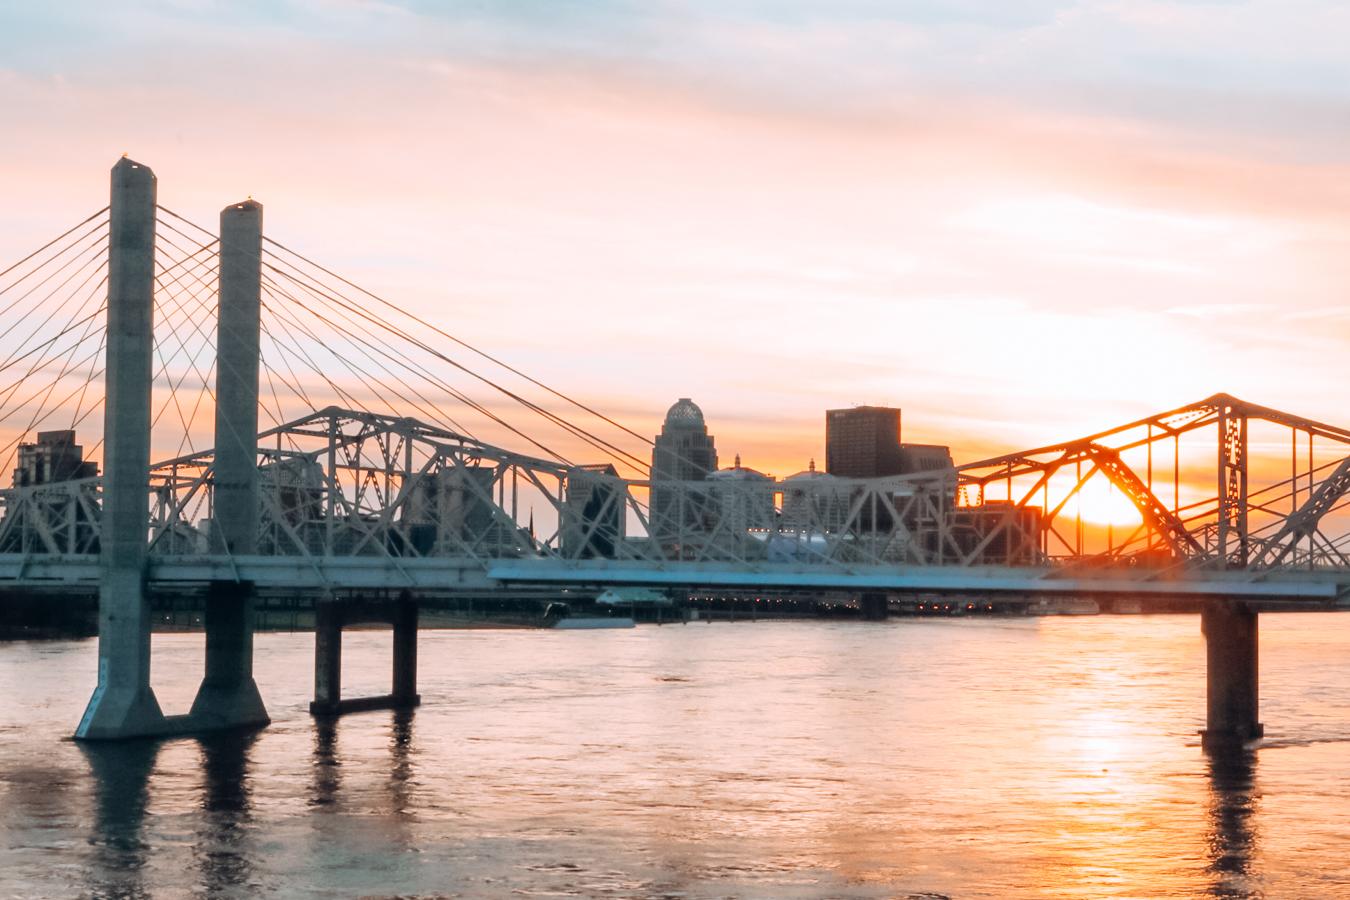 Sunset in Louisville